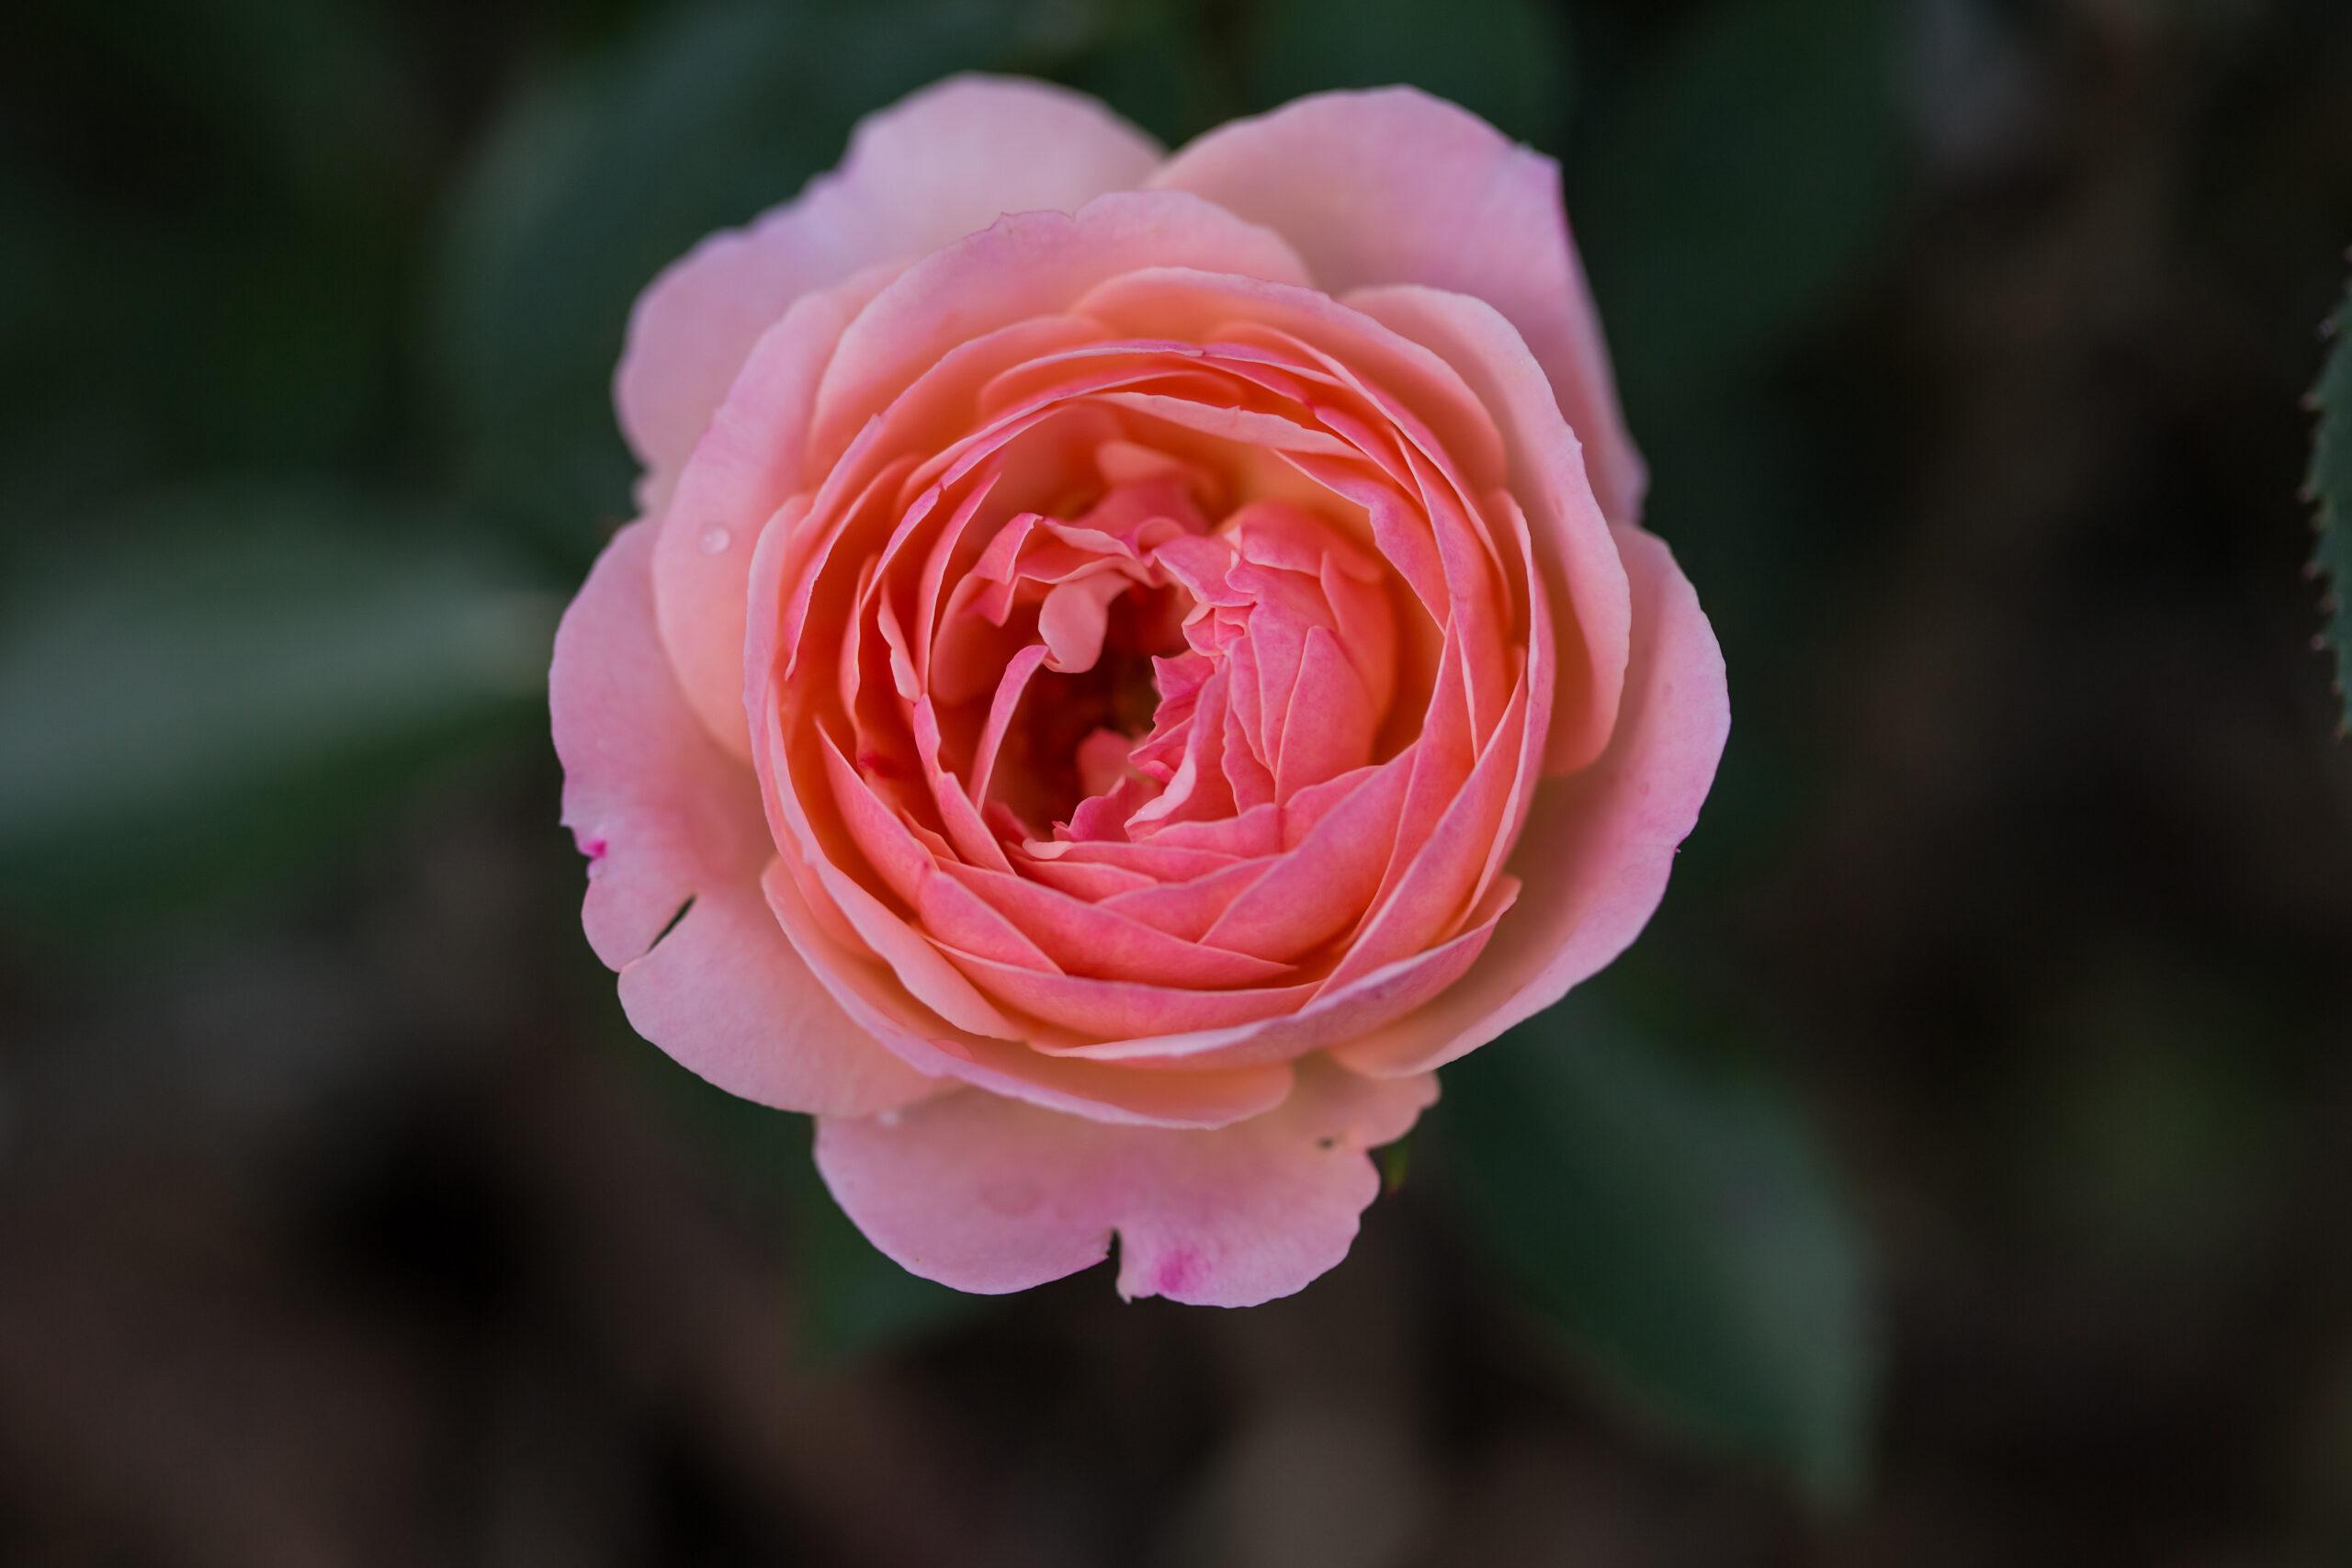 RosaEasyEleganceCalypsoapricotblend-26-5454-1-1